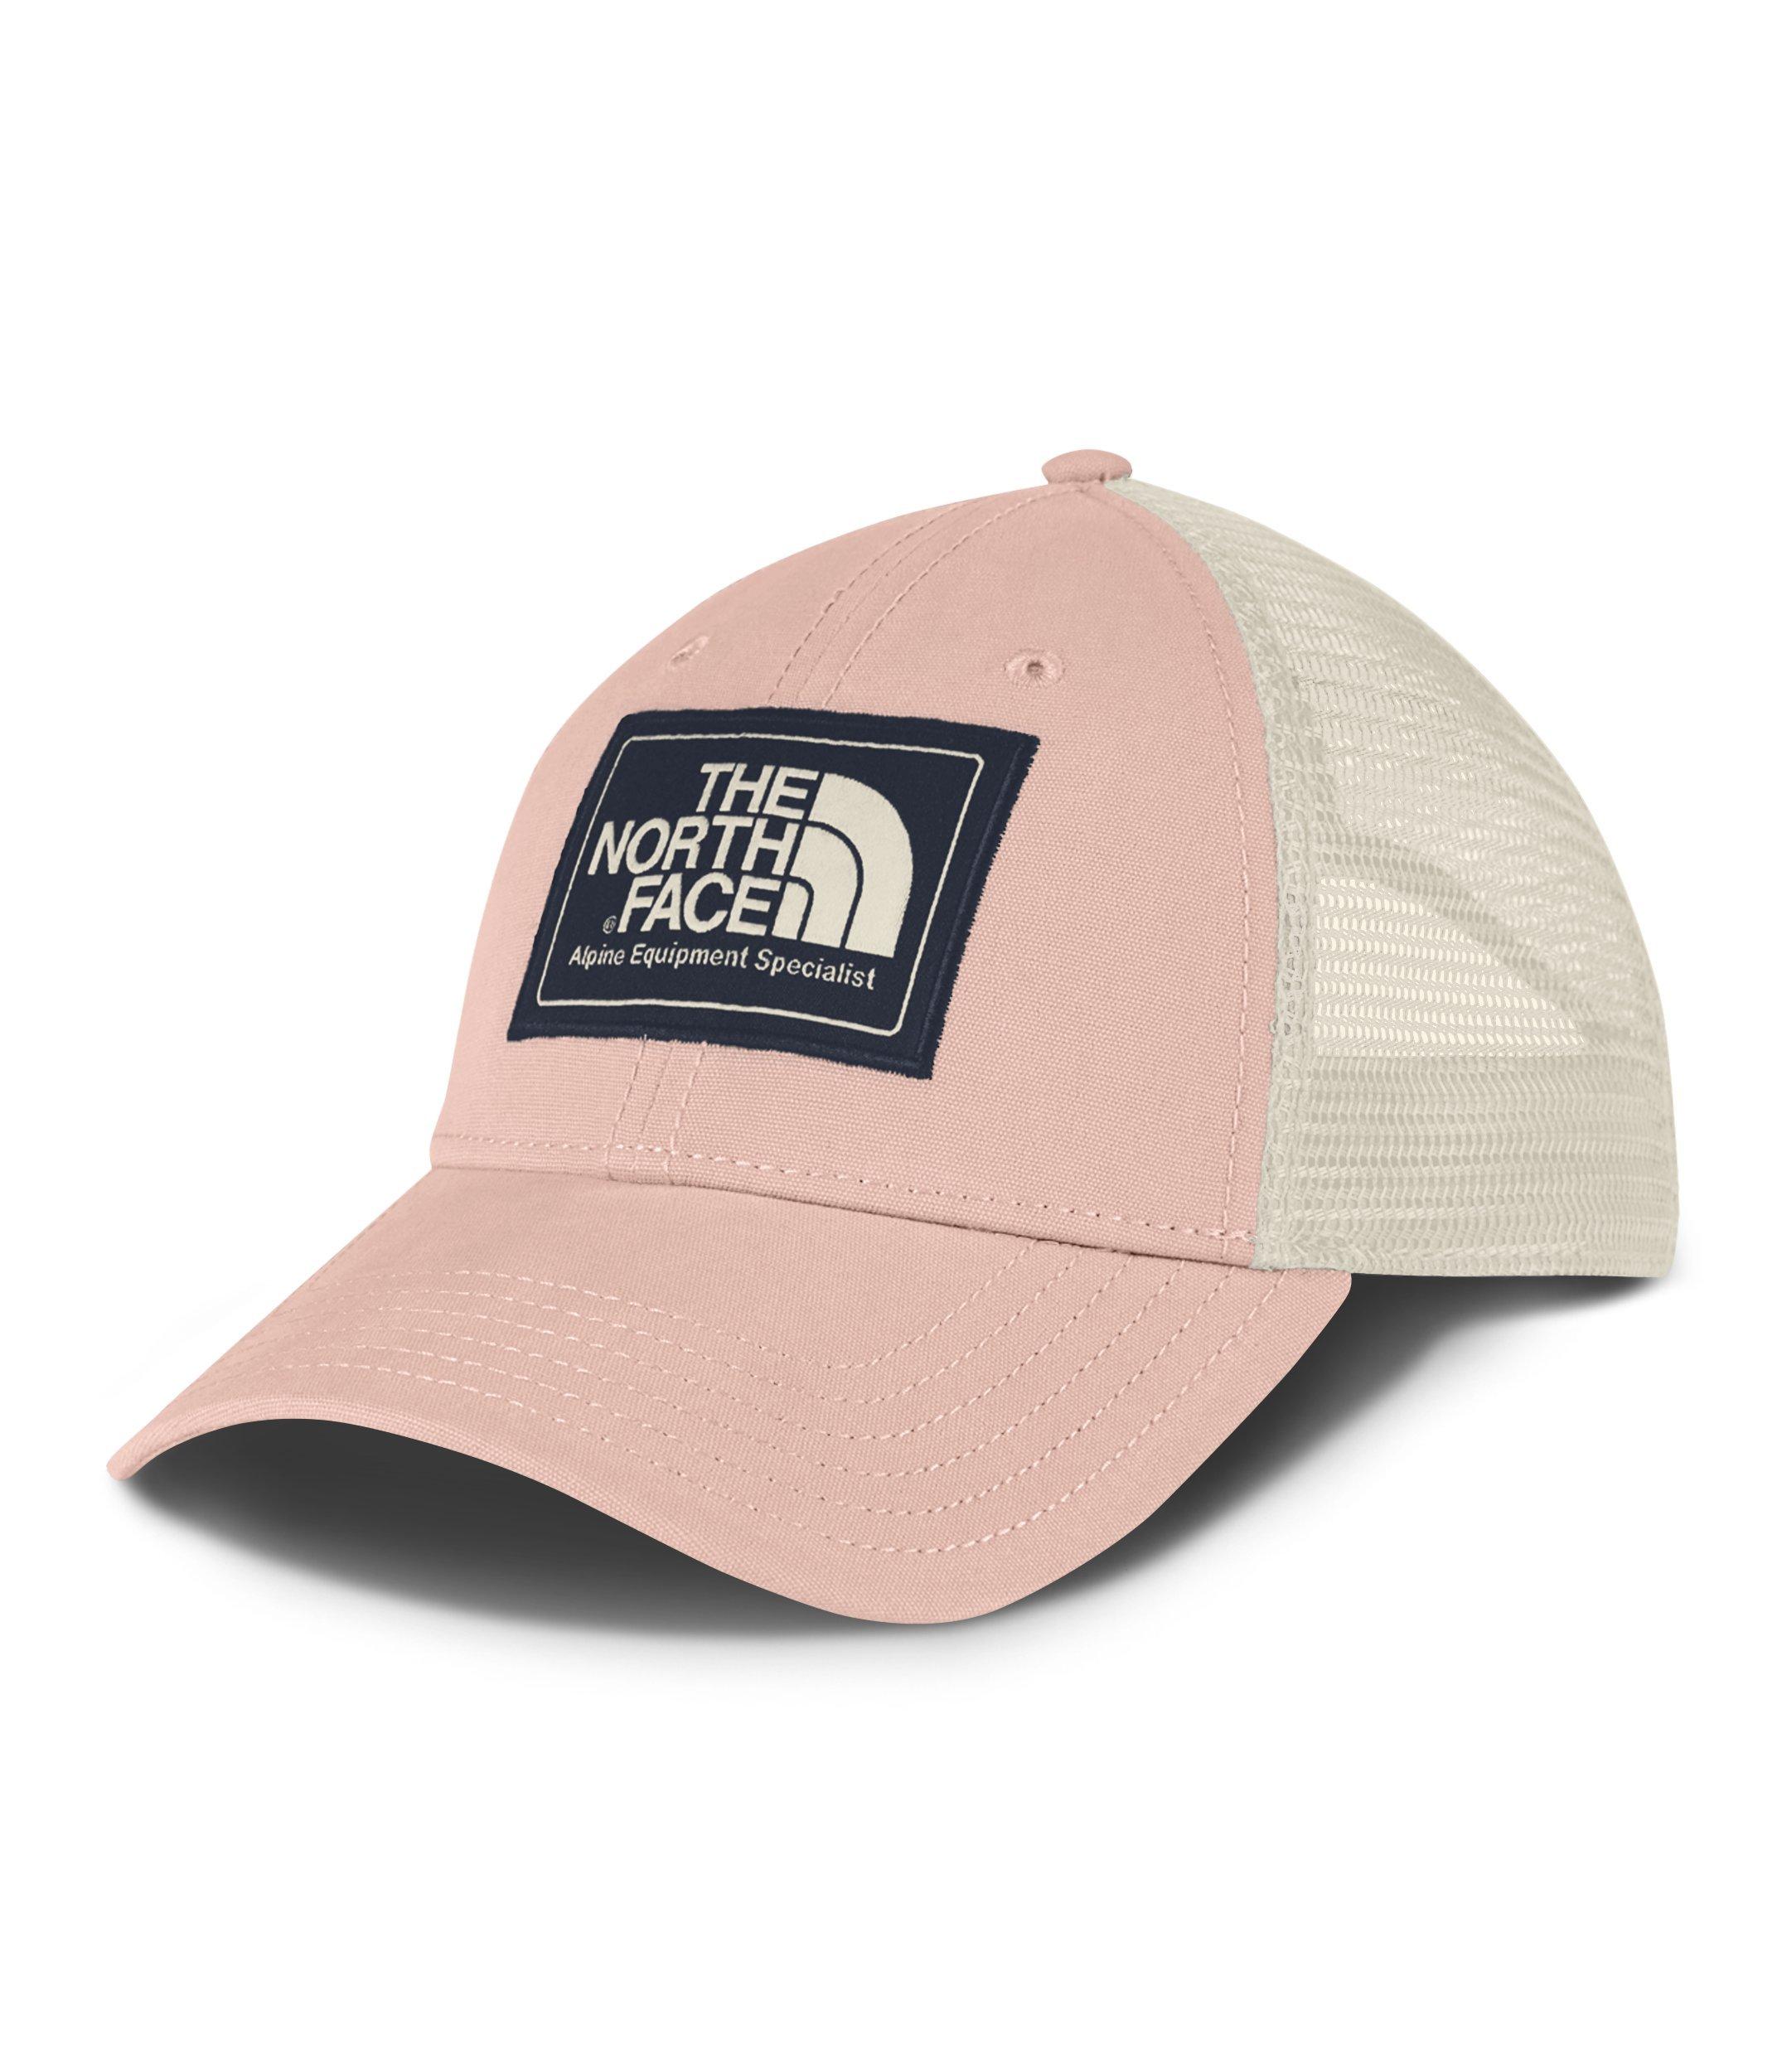 63f9437913f0b8 Galleon - The North Face Unisex Mudder Trucker Hat Evening Sand Pink/Urban  Navy/Vintage White One Size